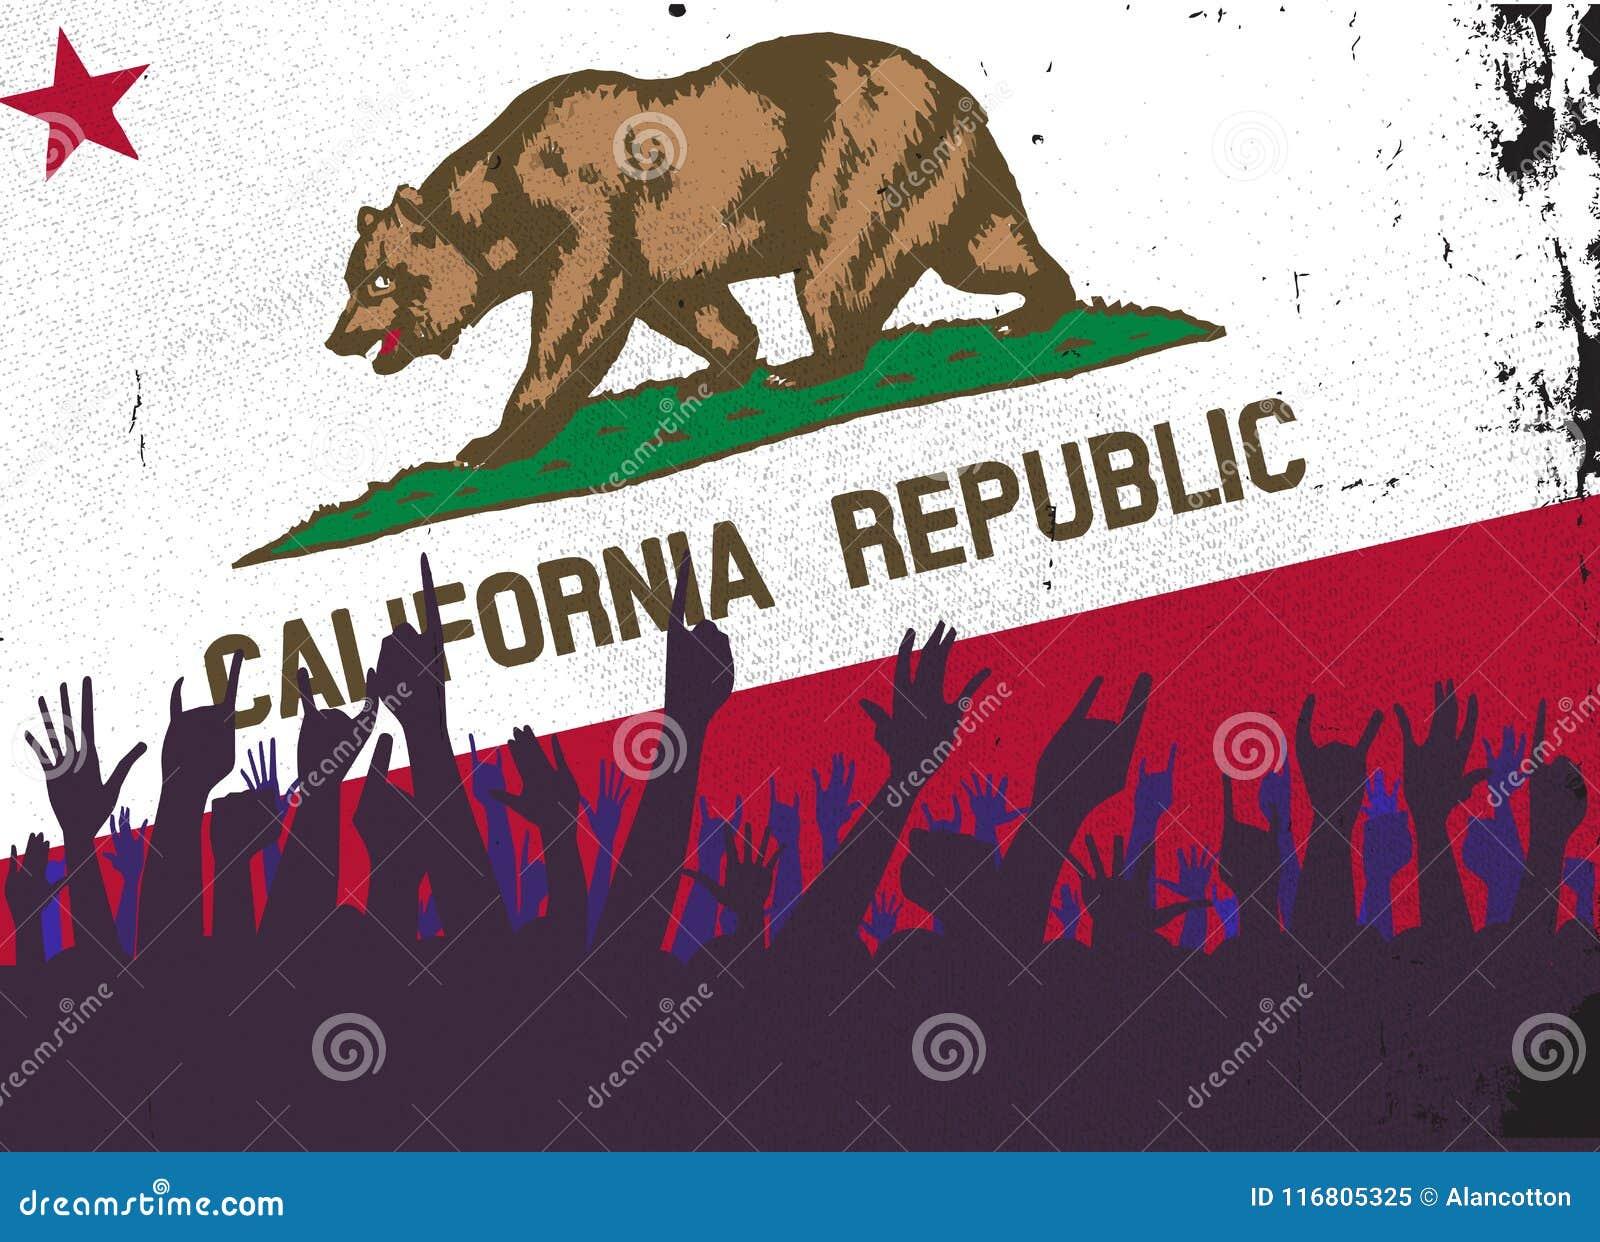 Bandiera dello stato di California con reazione del pubblico